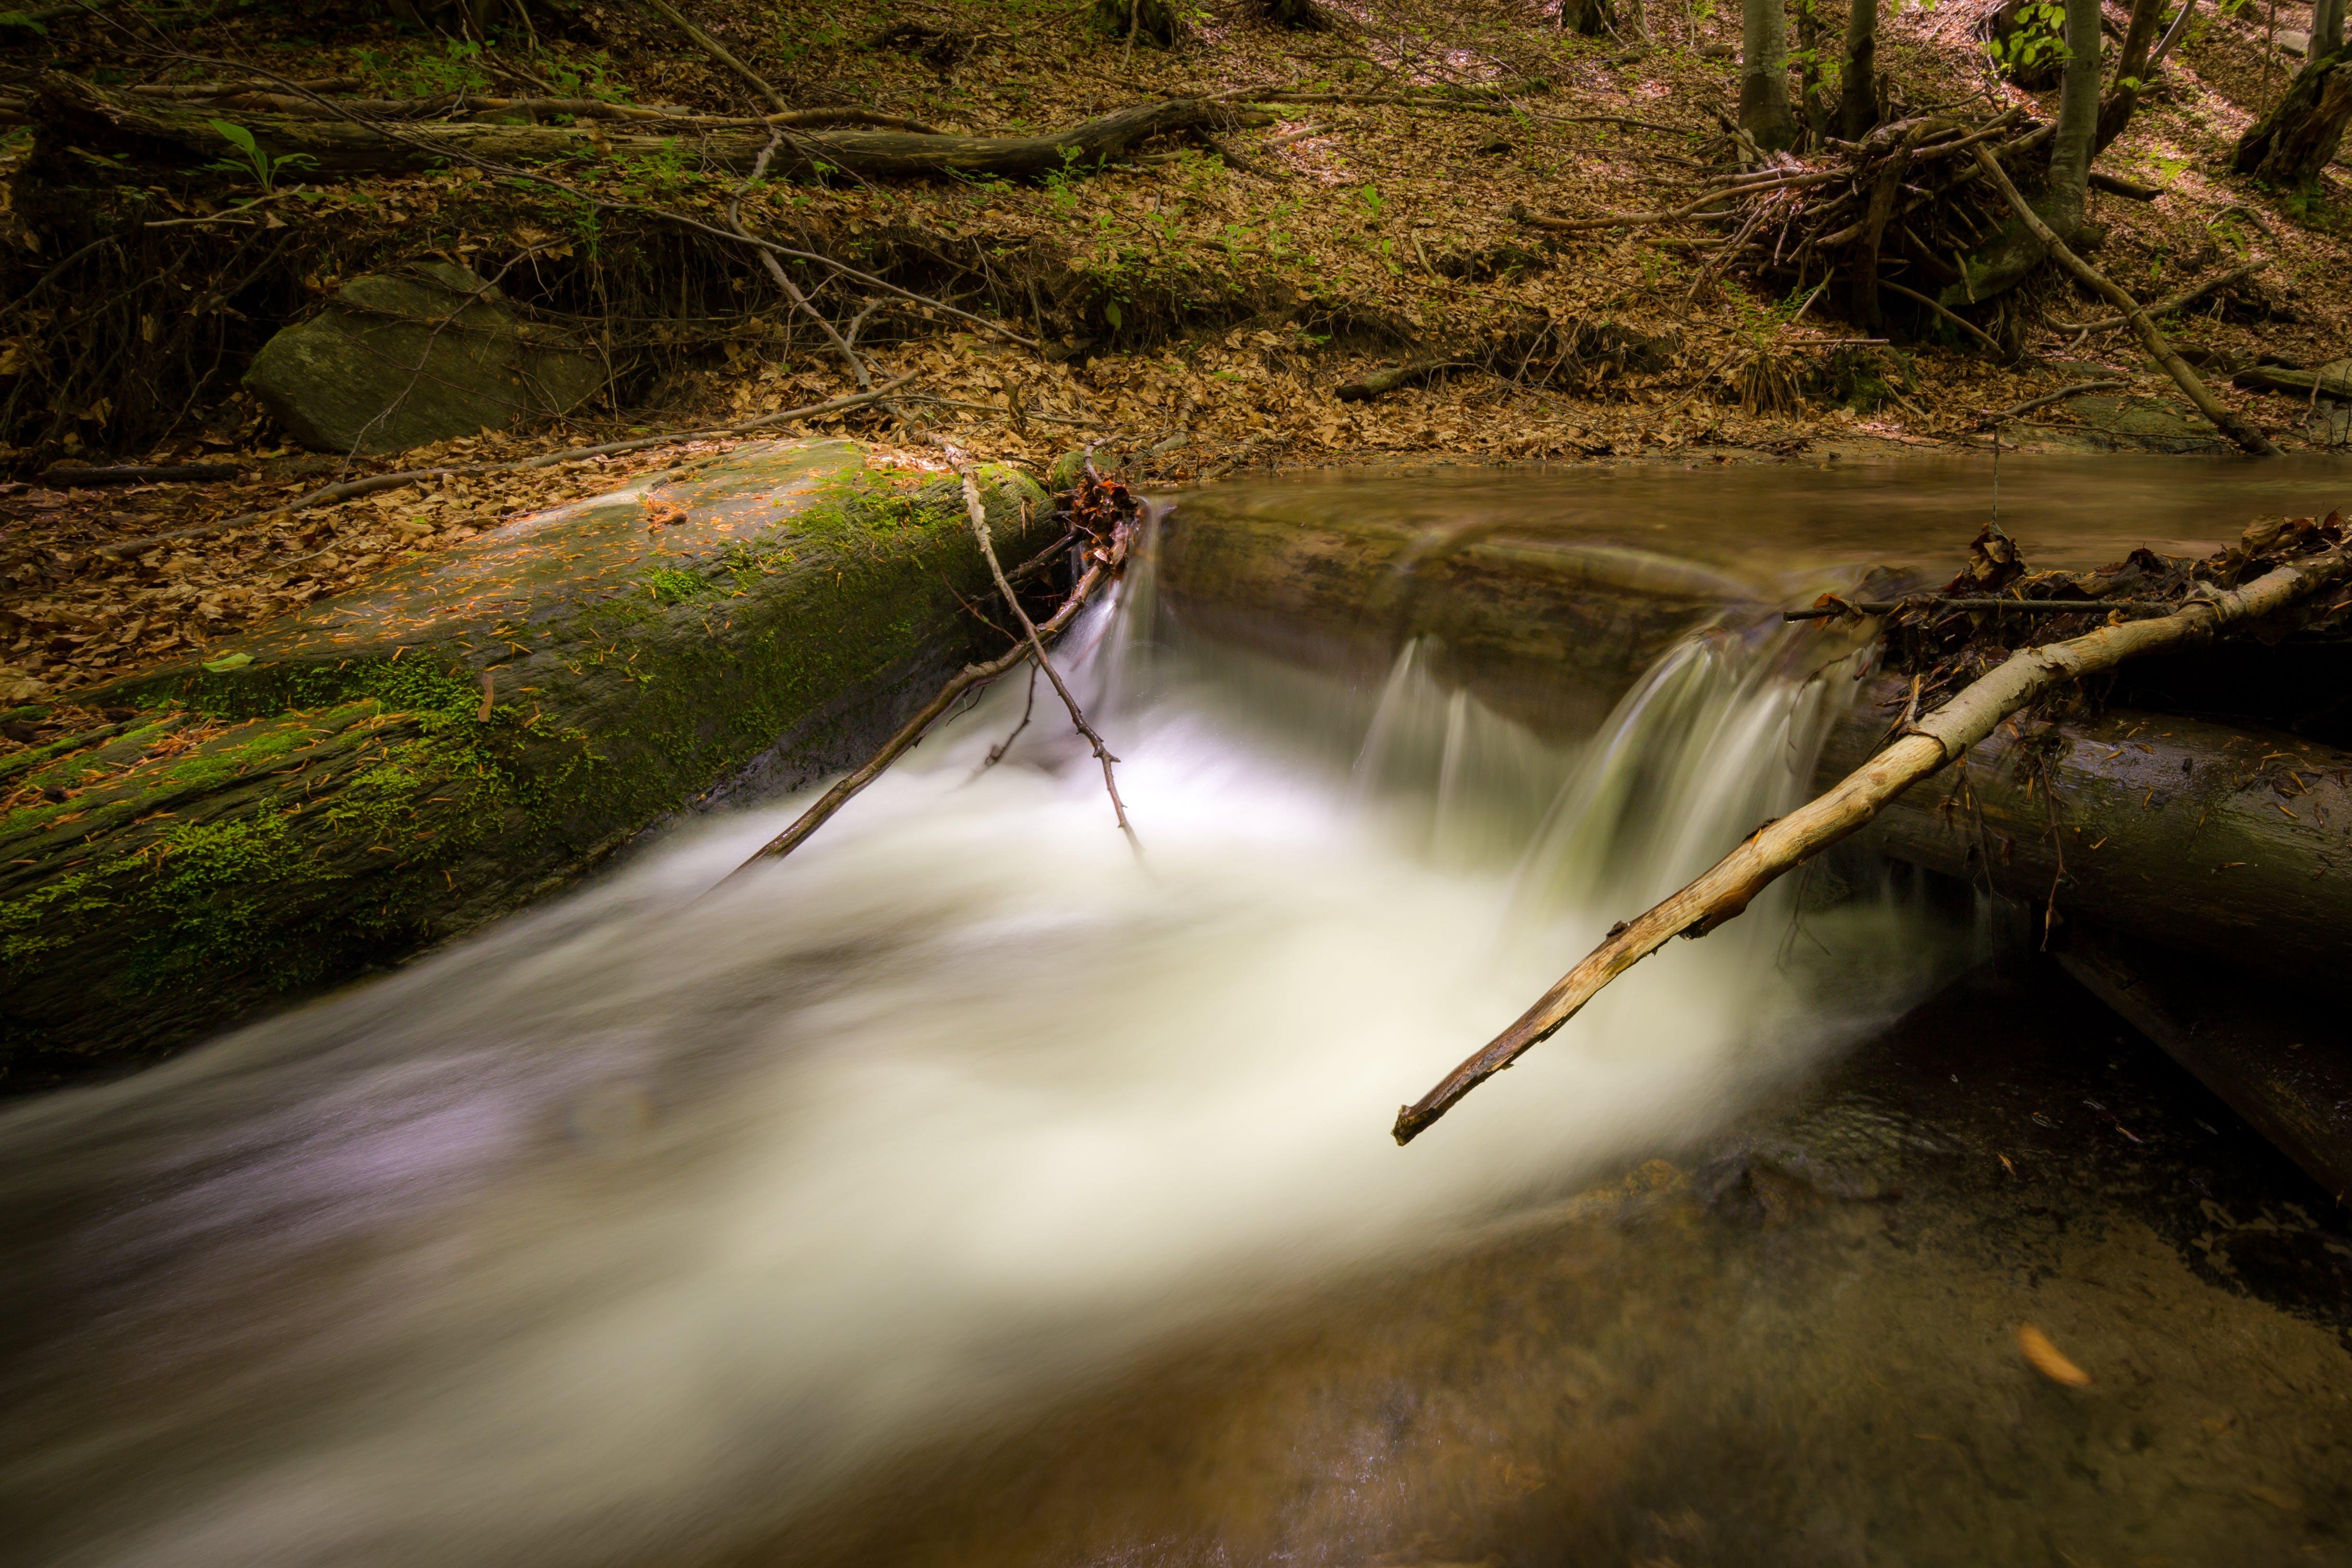 Fotos de stock gratuitas de agua, arboles, bosque, cascada